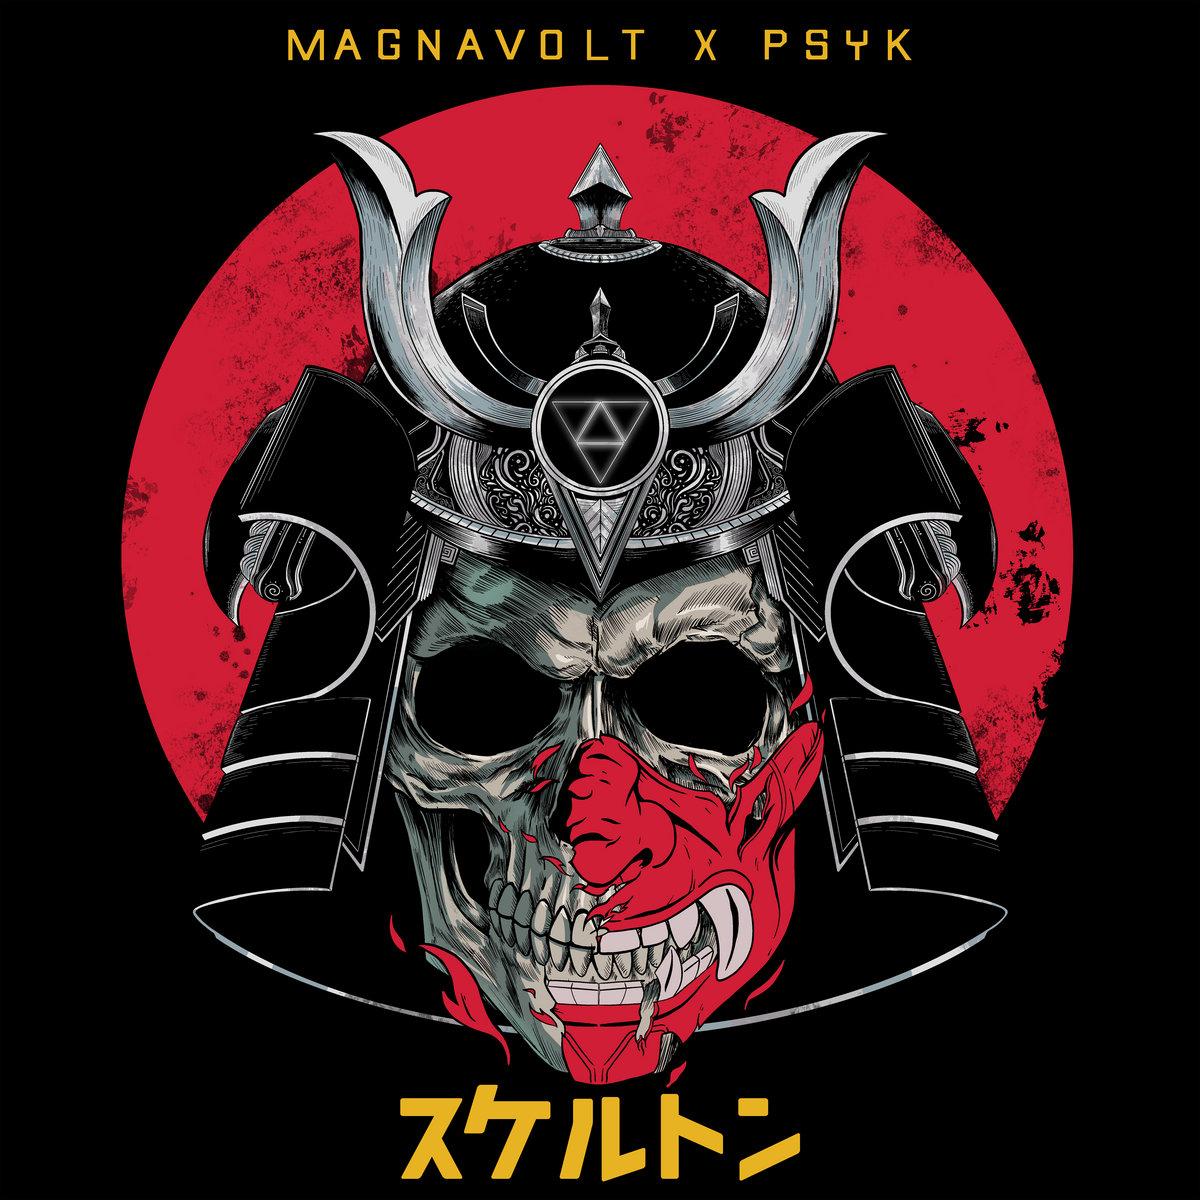 Skeletons by Magnavolt & Psyk